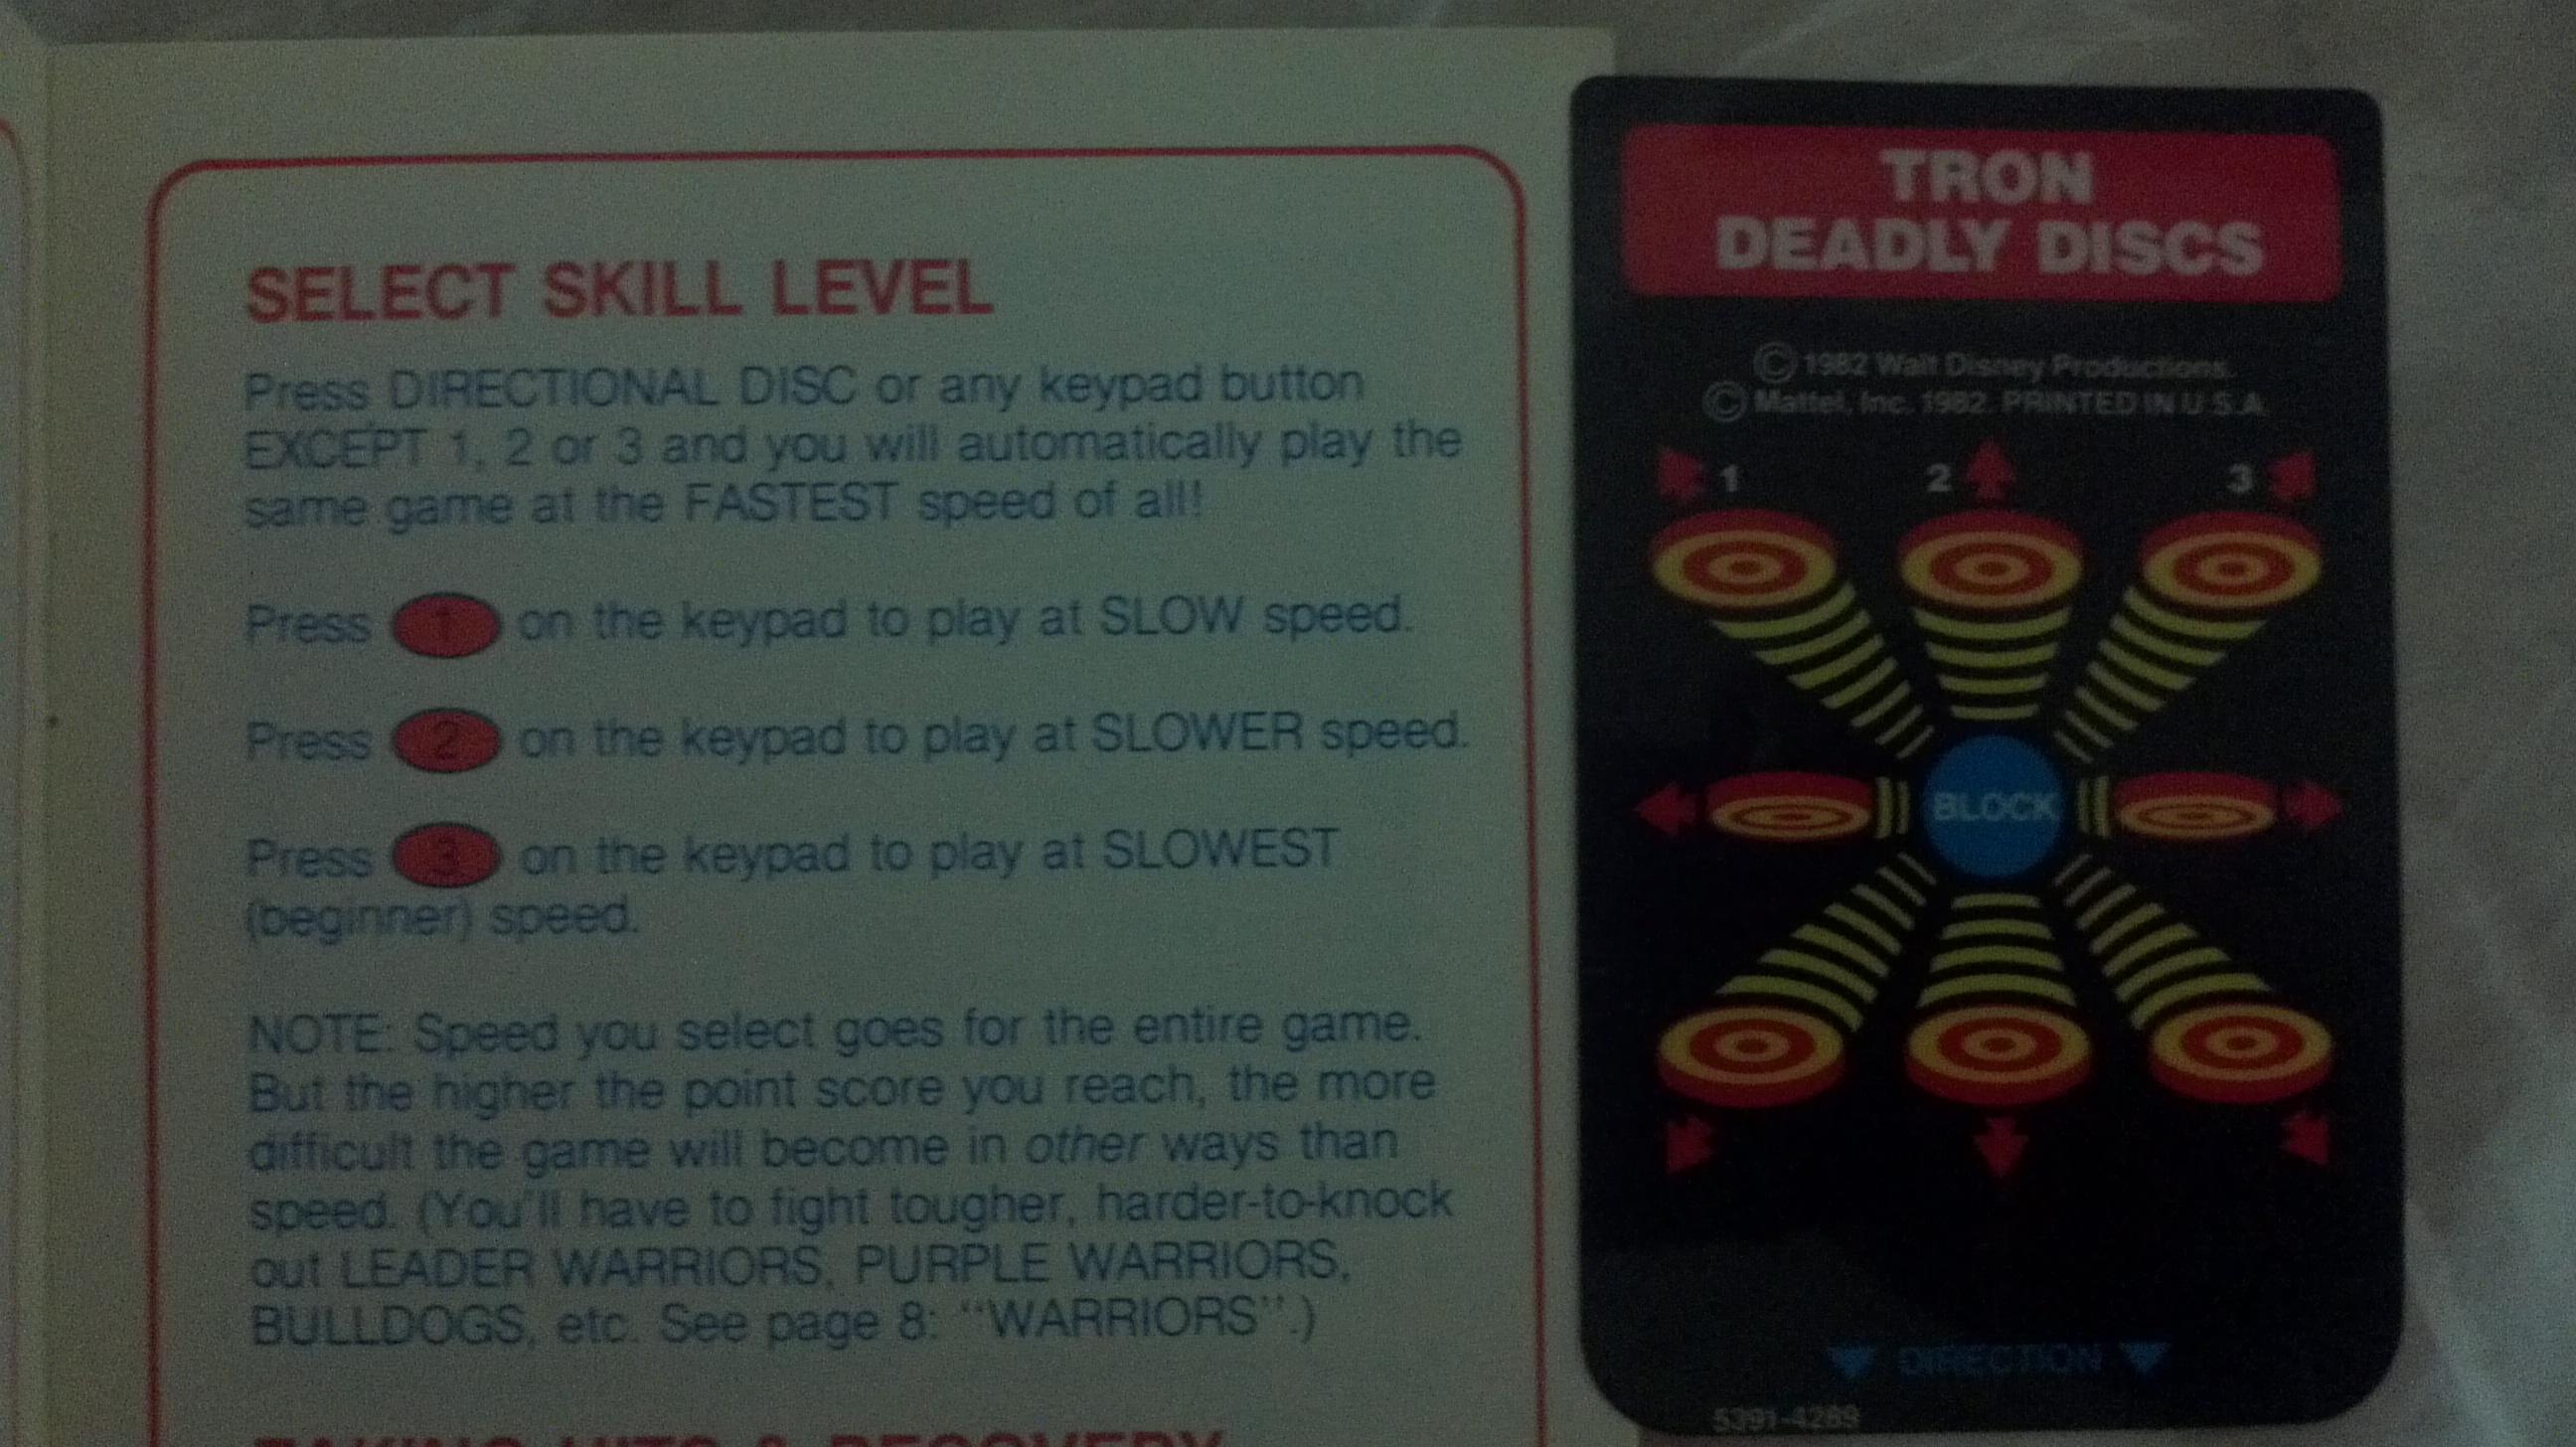 Liduario: Tron: Deadly Discs [Skill: Disc] (Intellivision) 203,150 points on 2014-04-25 08:49:54